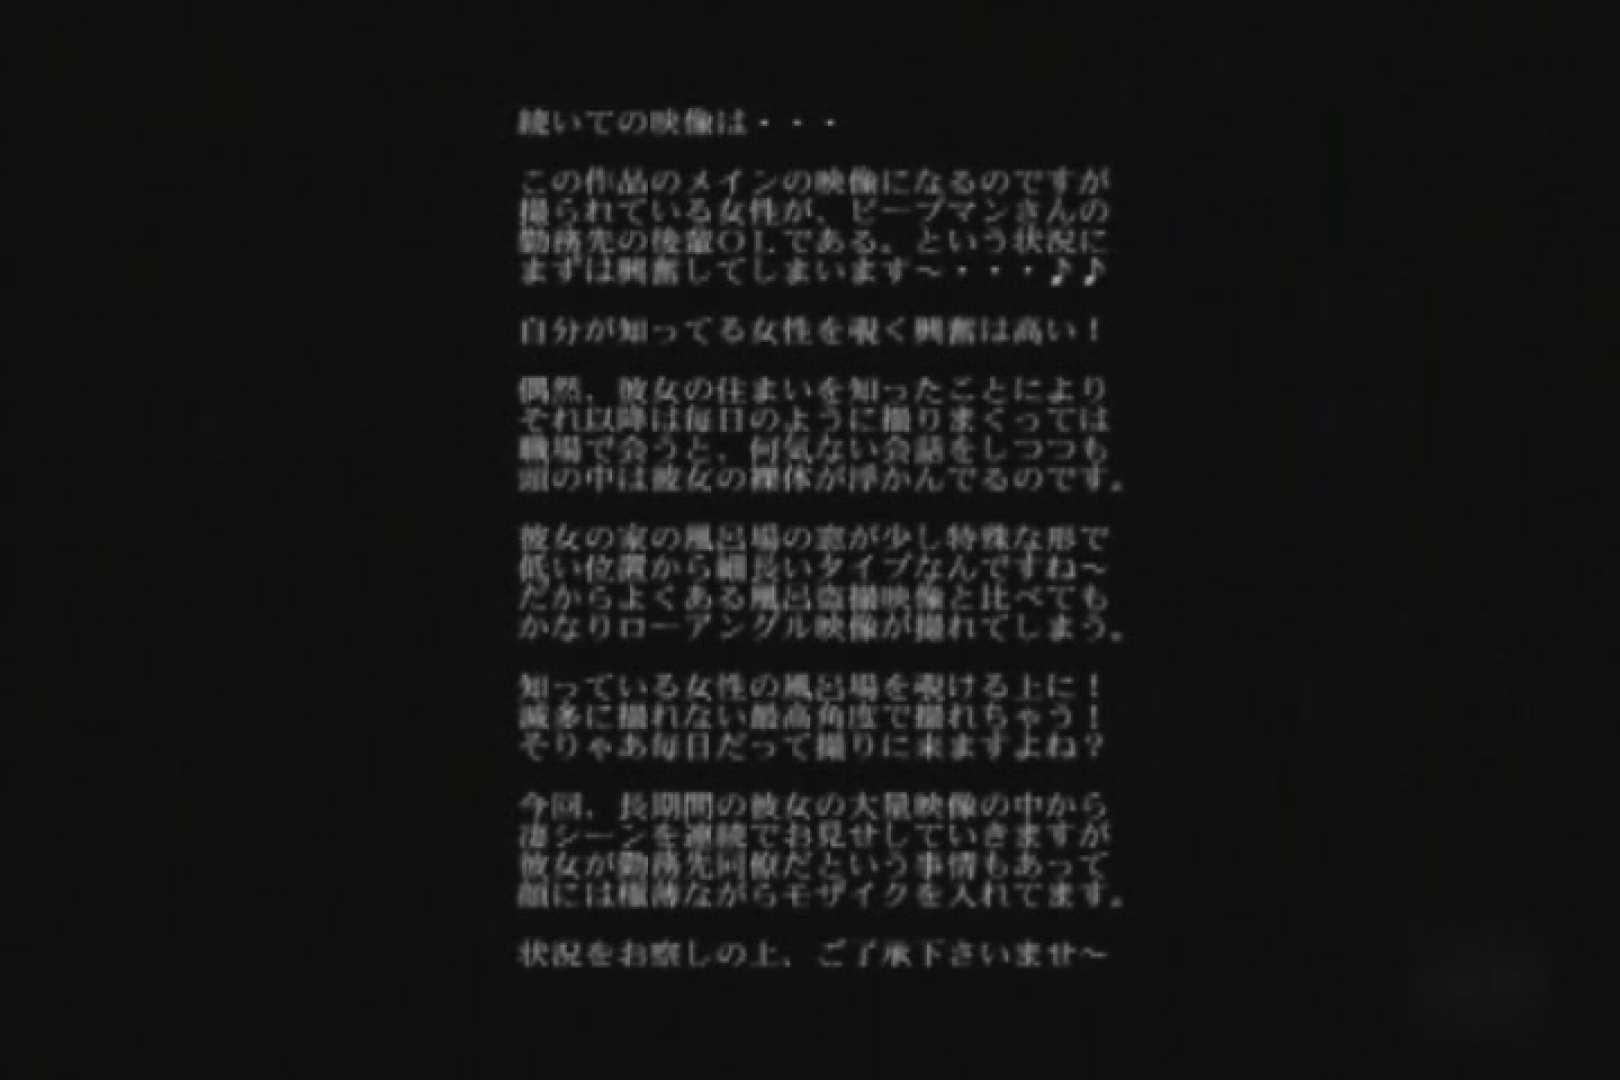 愛する彼女の風呂ストーカー盗撮 vol.001